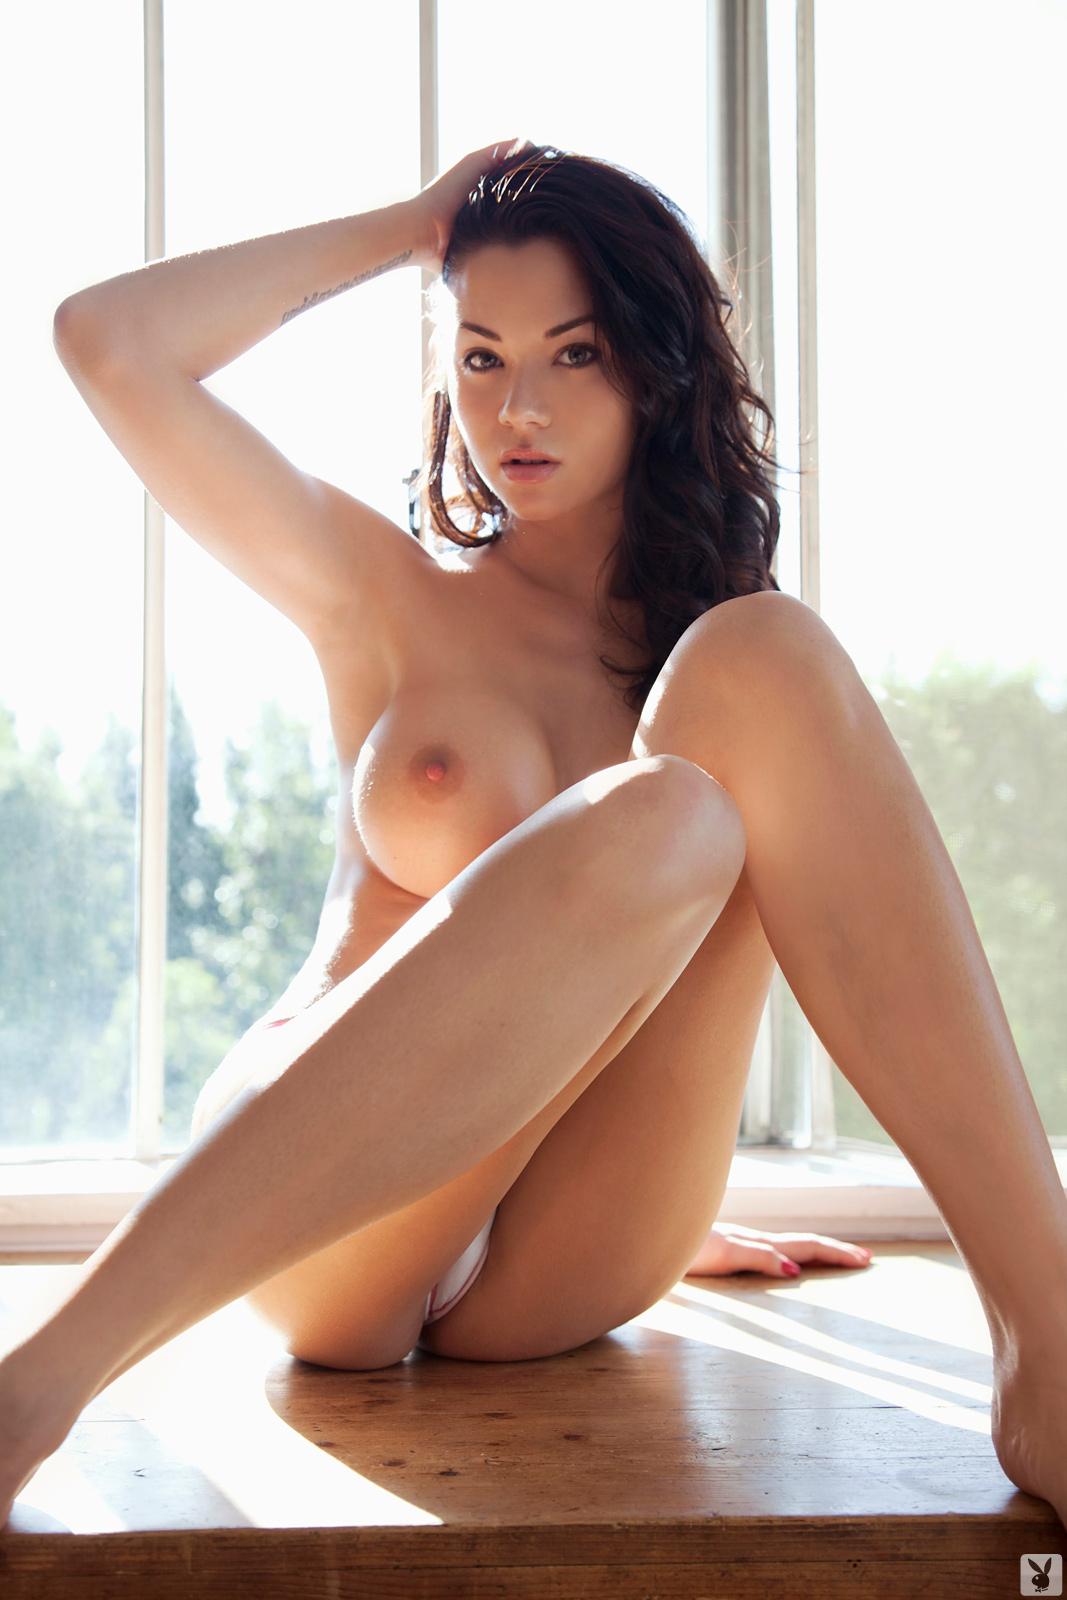 Zdjęcie porno - jennie reid   playboy plus original 003 - Brunetka z sylikonowymi cycami